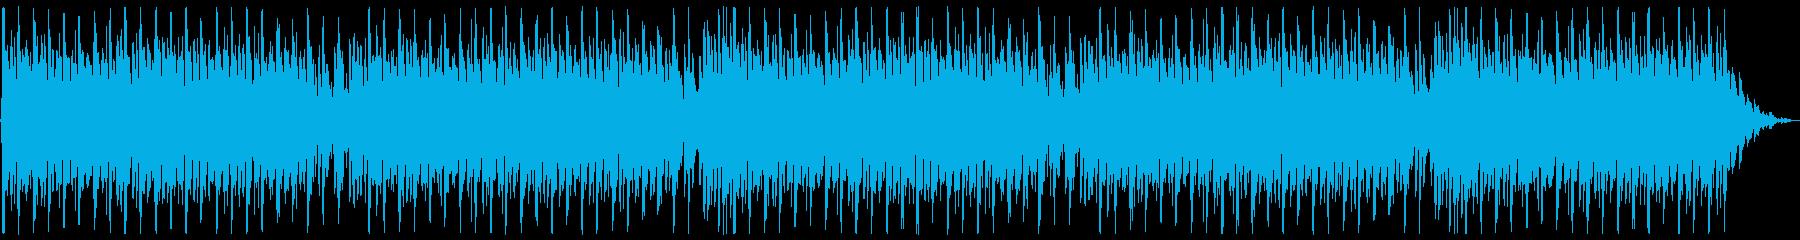 気高さと疾走感を描く合唱曲:編集Bの再生済みの波形